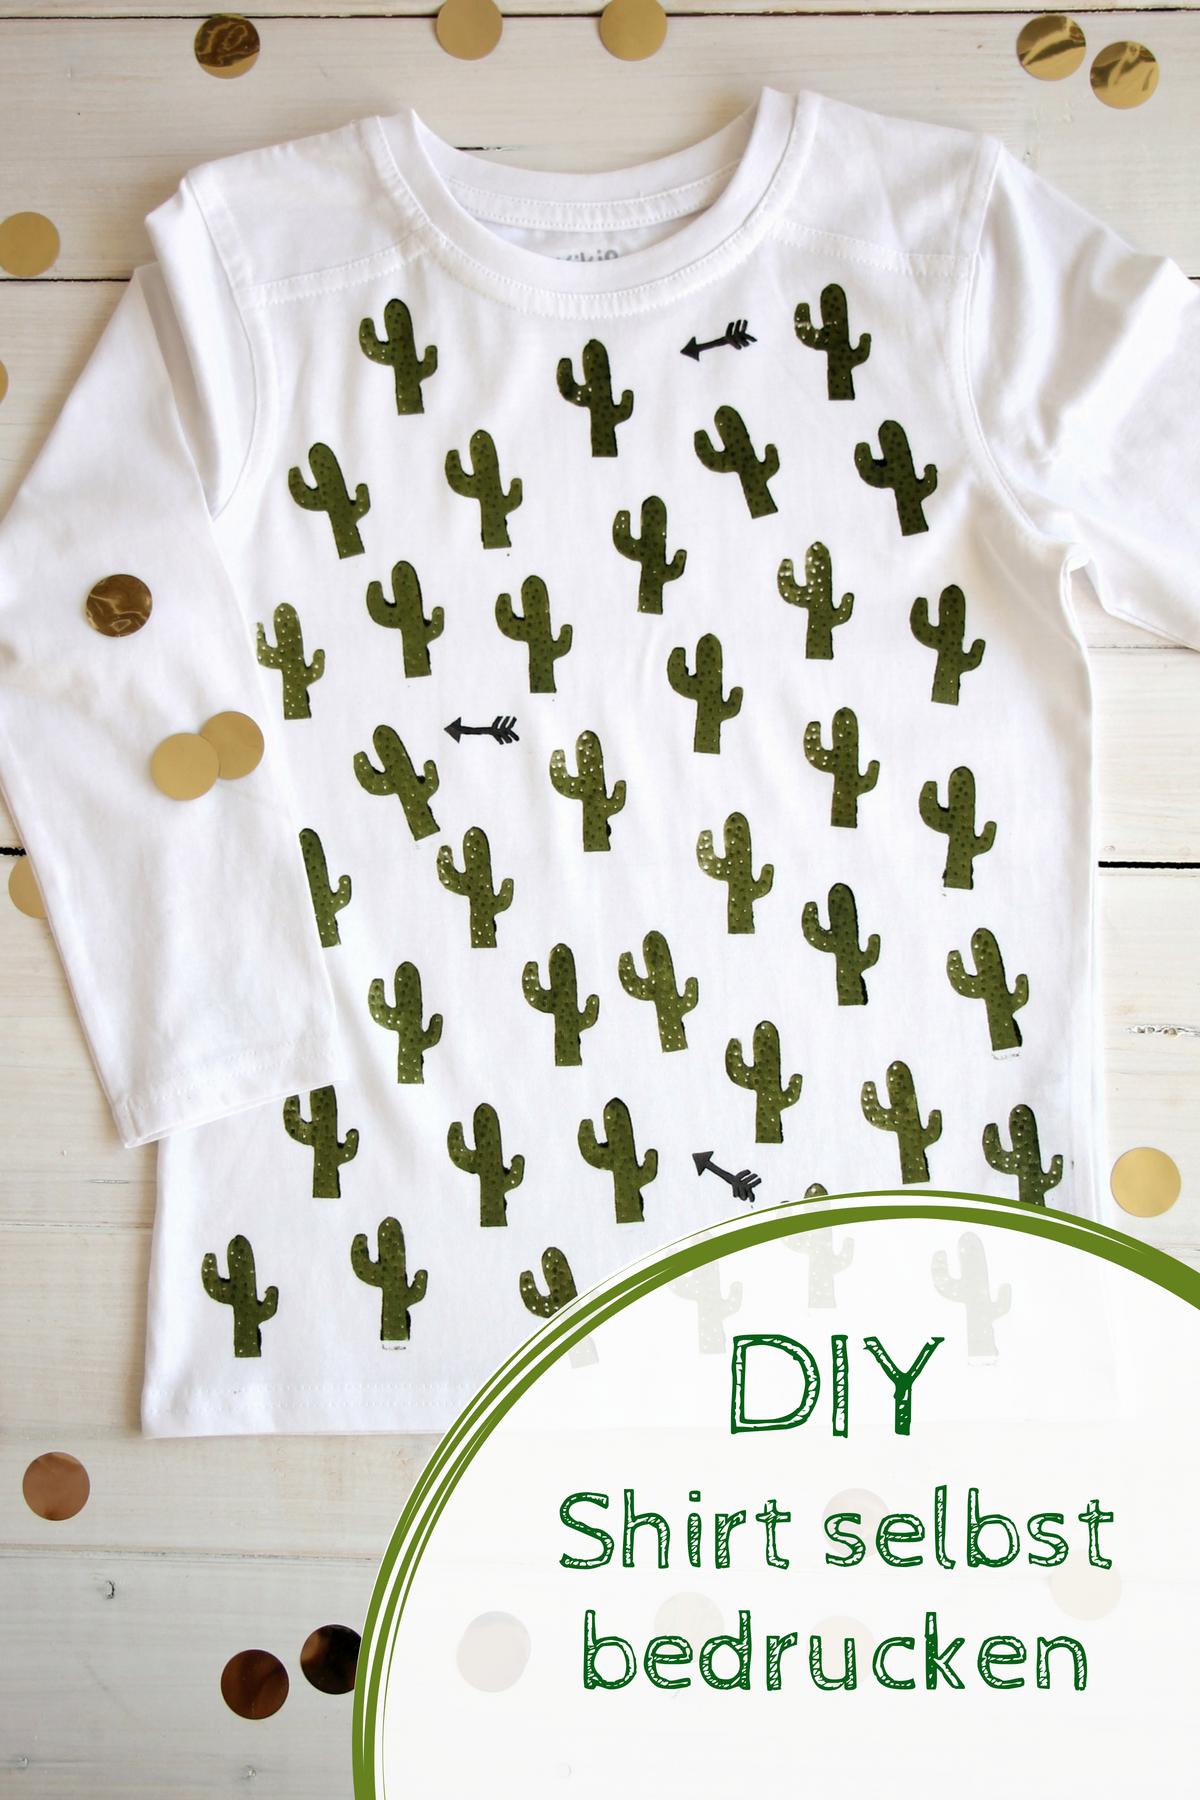 Diy Moosgummi Stempel Selber Machen Und Shirts Individuell Bedrucken Lavendelblog Shirt Selbst Bedrucken Stoff Bedrucken Shirts Bemalen